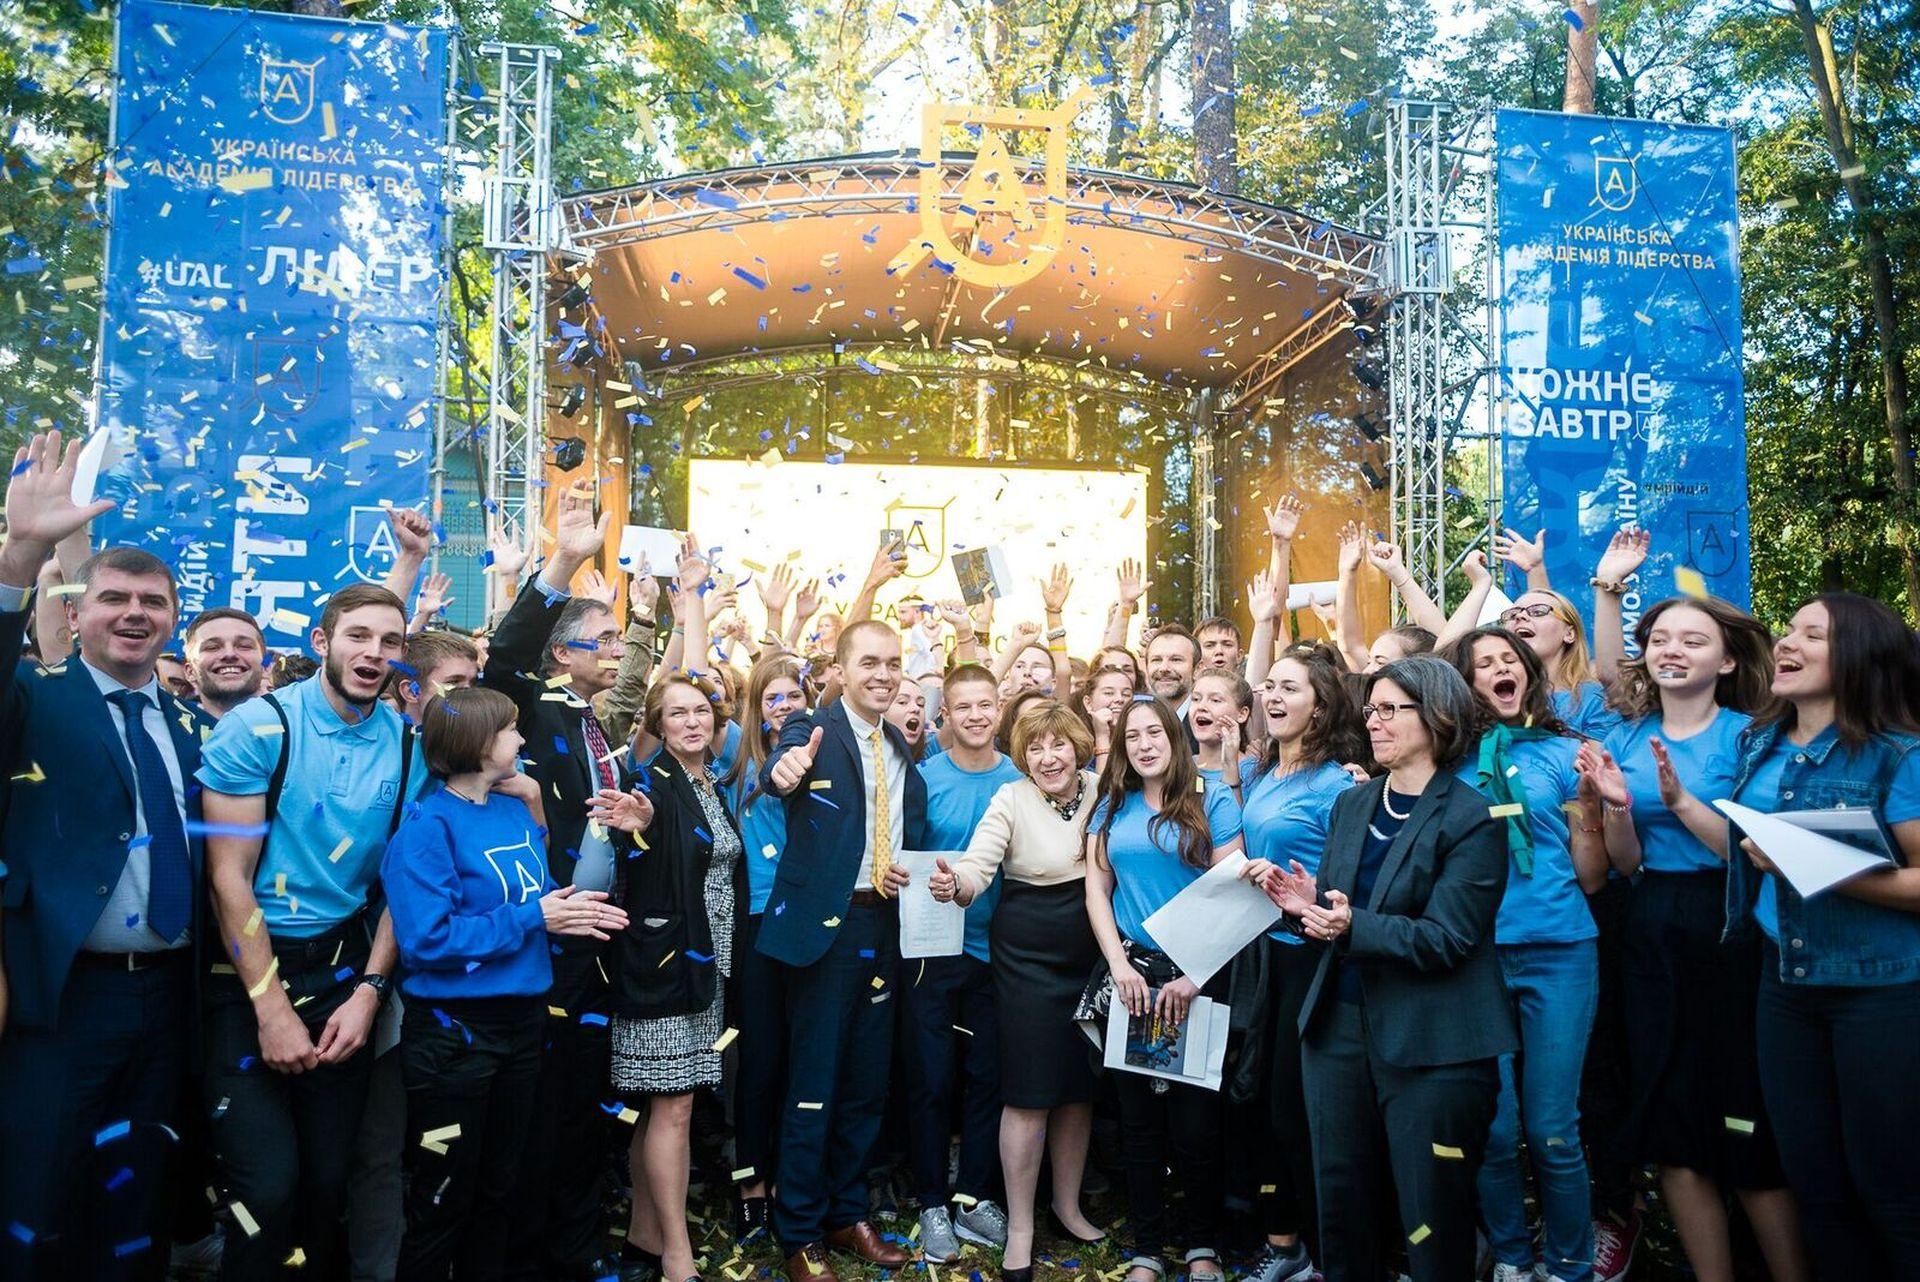 Ukraїnśka akademija liderstva zaprošuje na navčannja studentiv